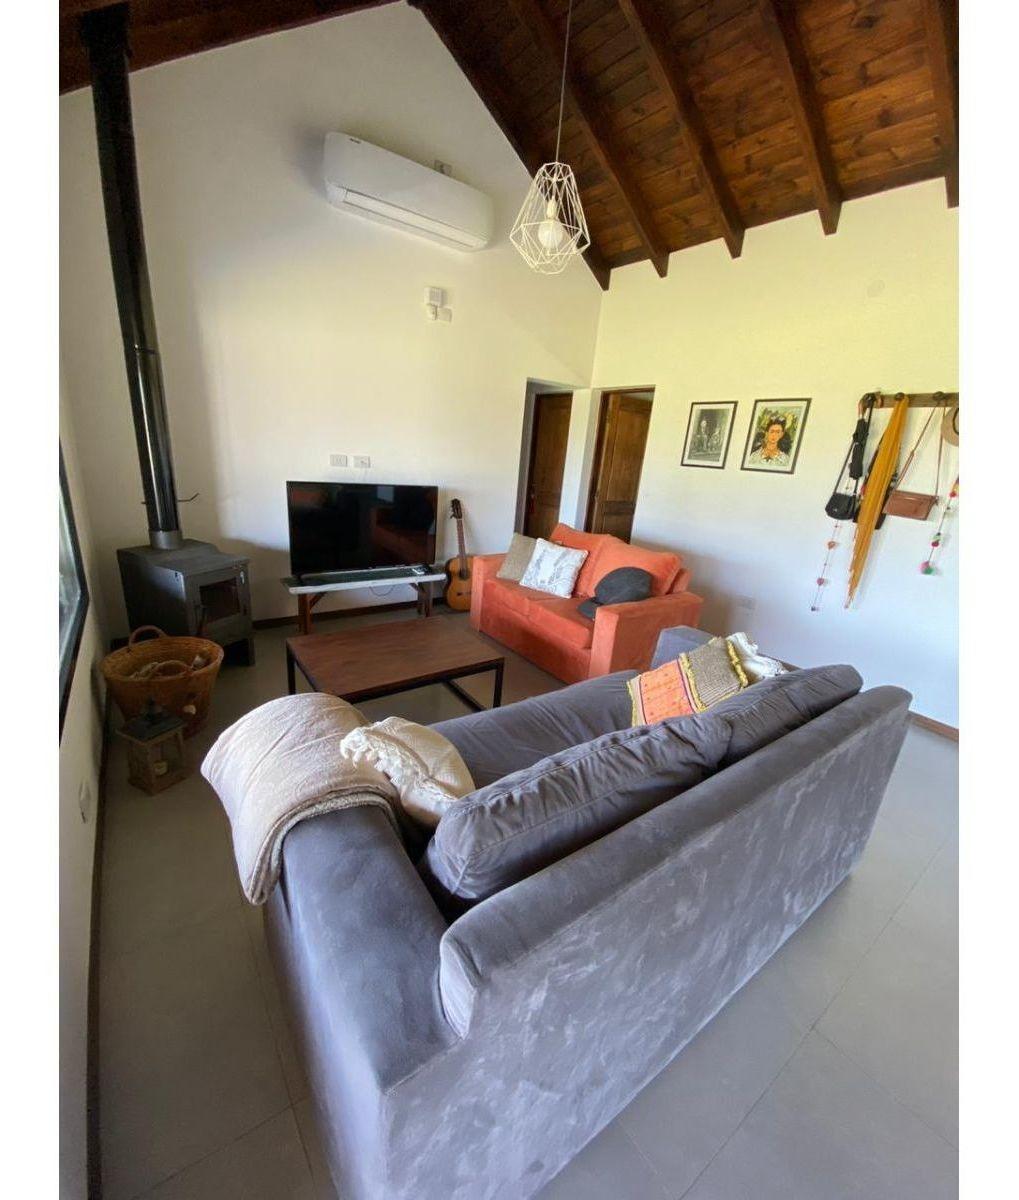 venta casa 2 dormitorios + comodin funes city